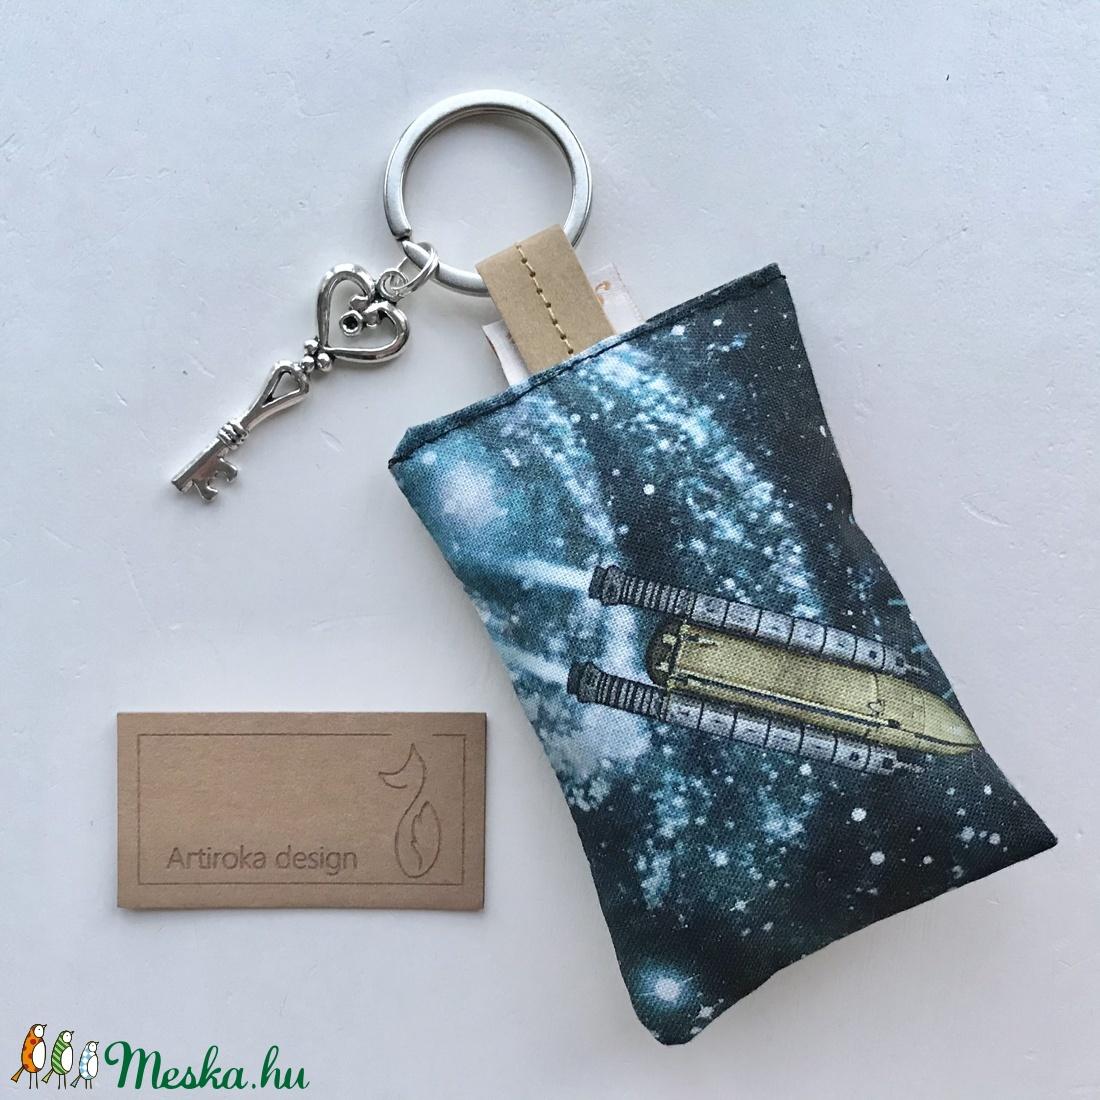 Űrhajó mintás egyedi kulcstartó prémium textilből kis vintage kulcs medállal  - Artiroka design - táska & tok - kulcstartó & táskadísz - Meska.hu